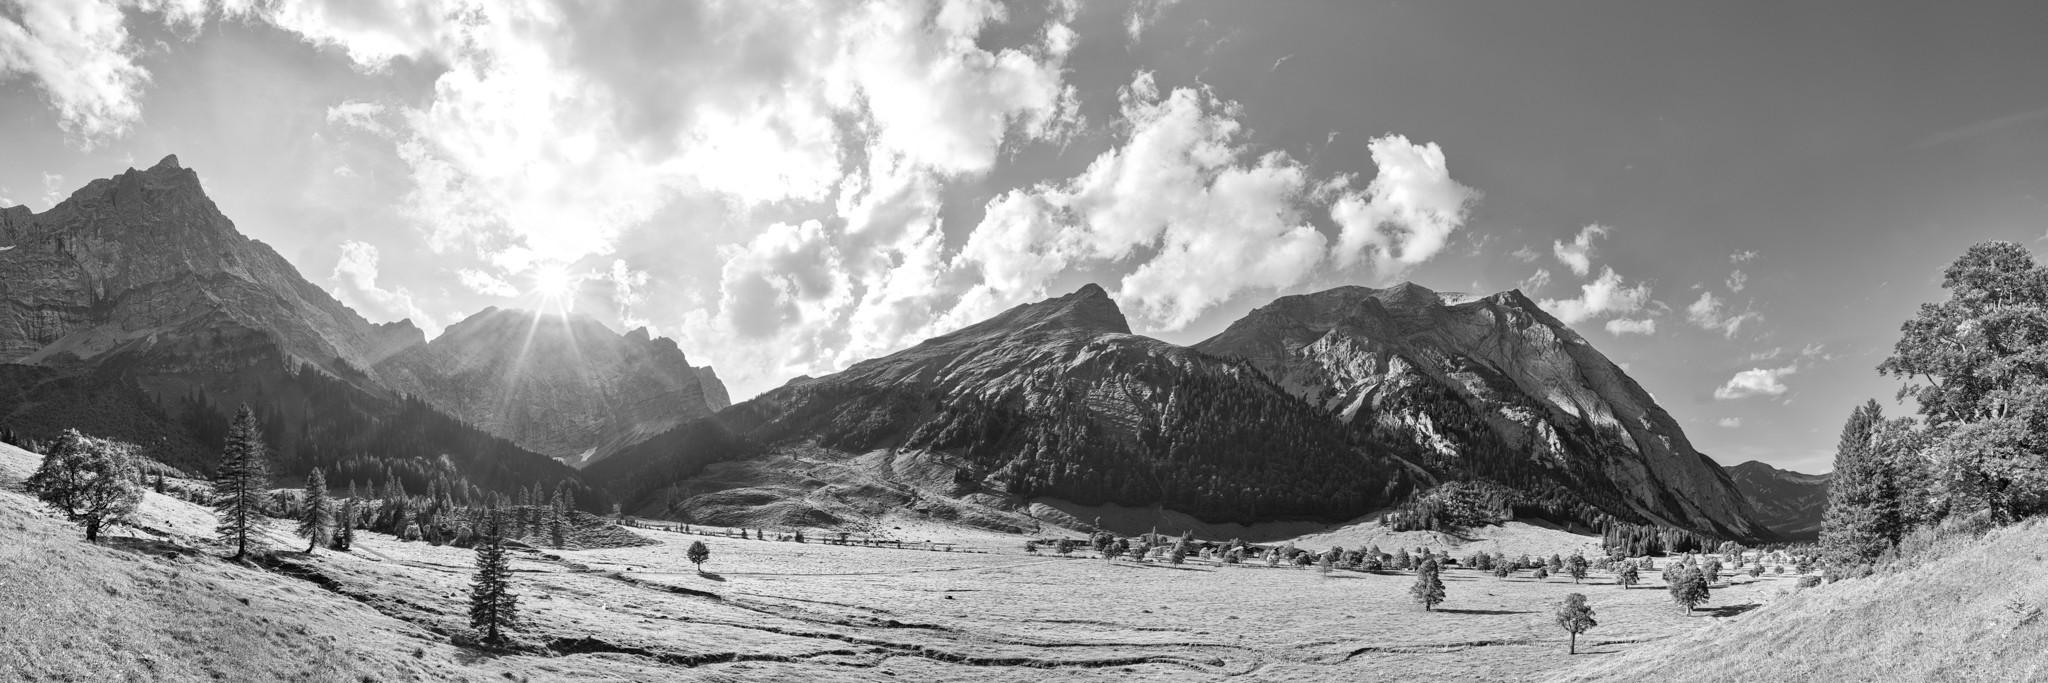 Schwarz Weiß: Herbst an der Engalm / Großer Ahornboden. Von der Engalm (1227m) kann man über das Hohljoch zur Falkenhütte (1848m) wandern.